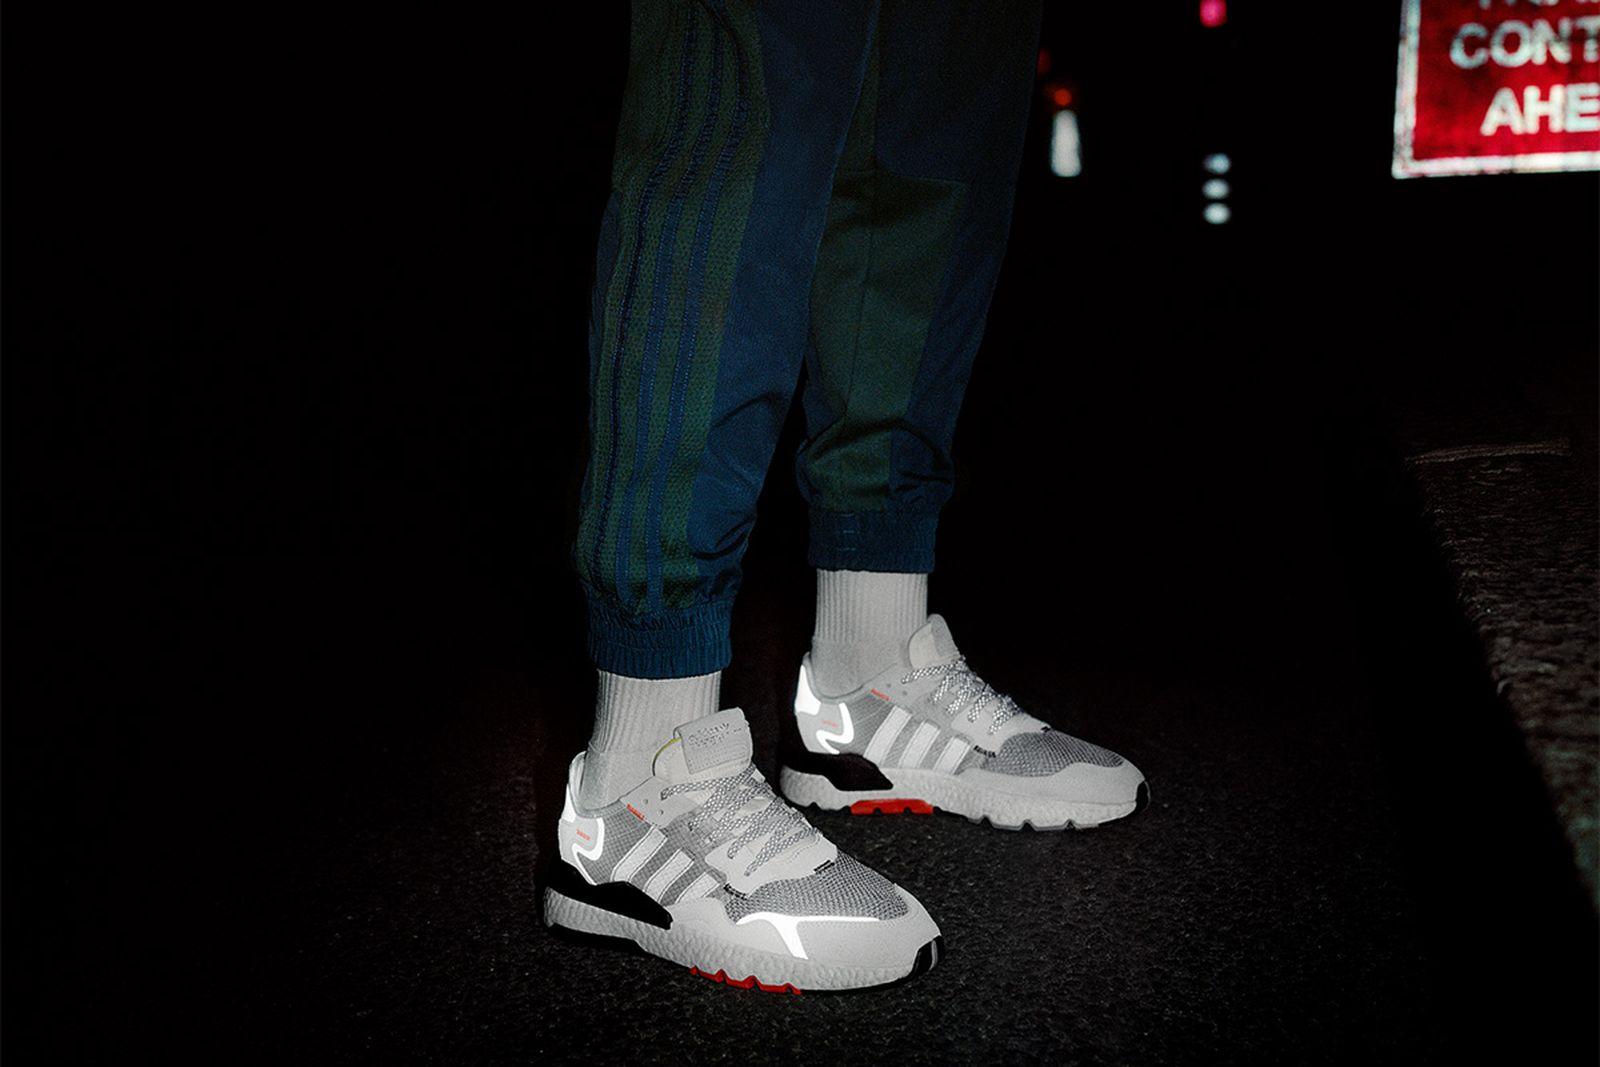 adidas original nite jogger 19